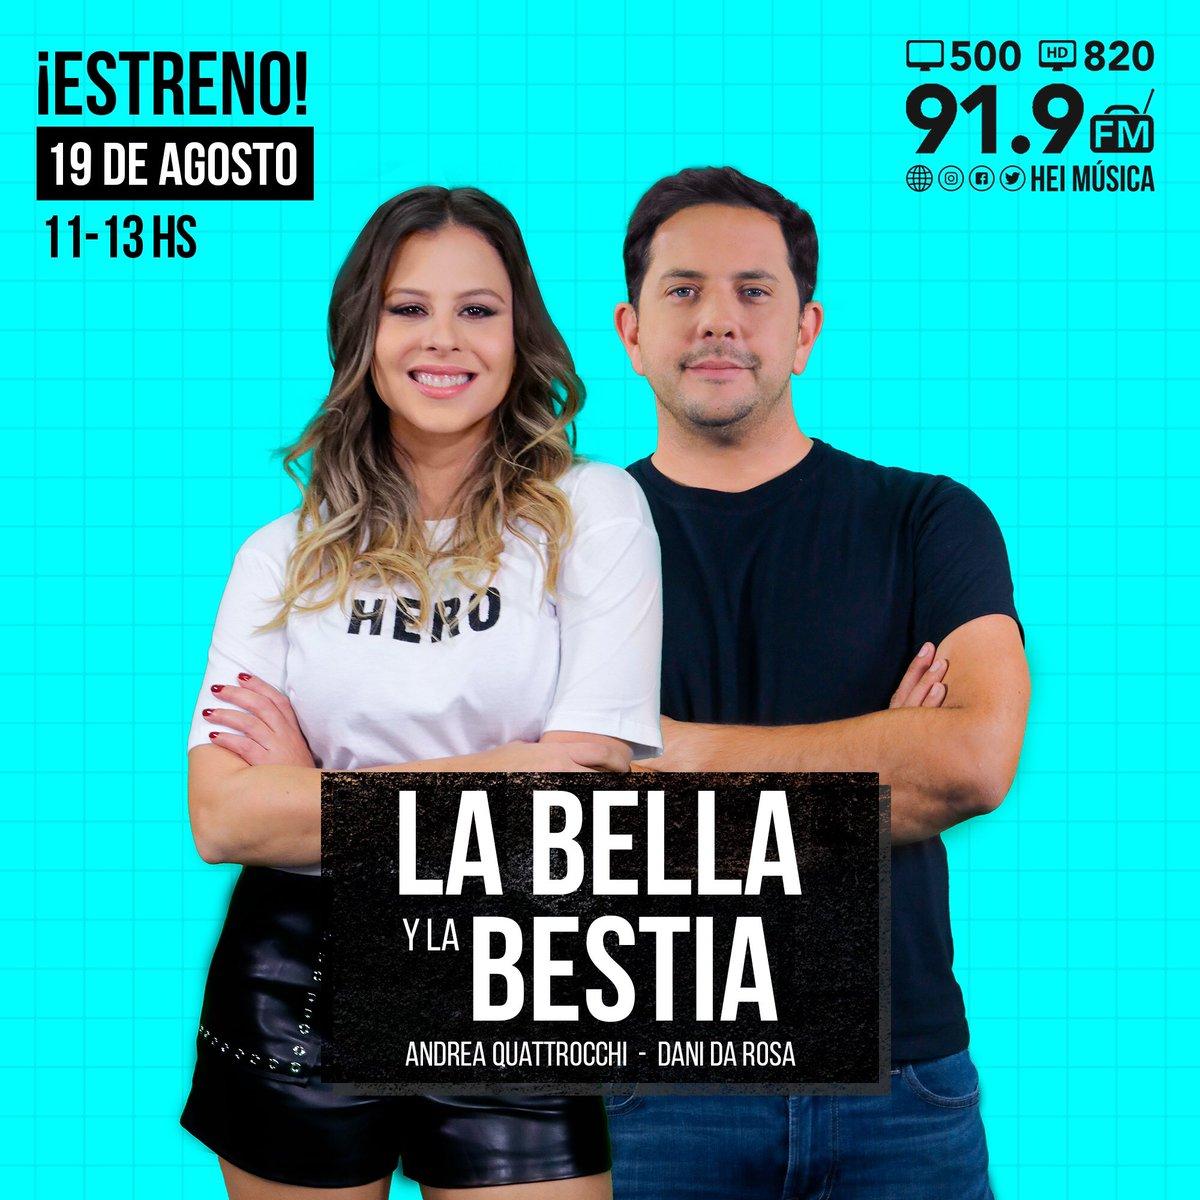 SE VIENEEEEE 🔉🔉🔉 Desde este lunes @Andrea4ki y @dani_da_rosa se convierten en #LaBellayLaBestia y quieren ser tu mejor compañía antes, durante y después del almuerzo 😜 El 19 de agosto a partir de las 11:00 de la mañana #LaBellaYLaBestia se apoderan de #HEiRadio y #HeiTV 📺⚡️